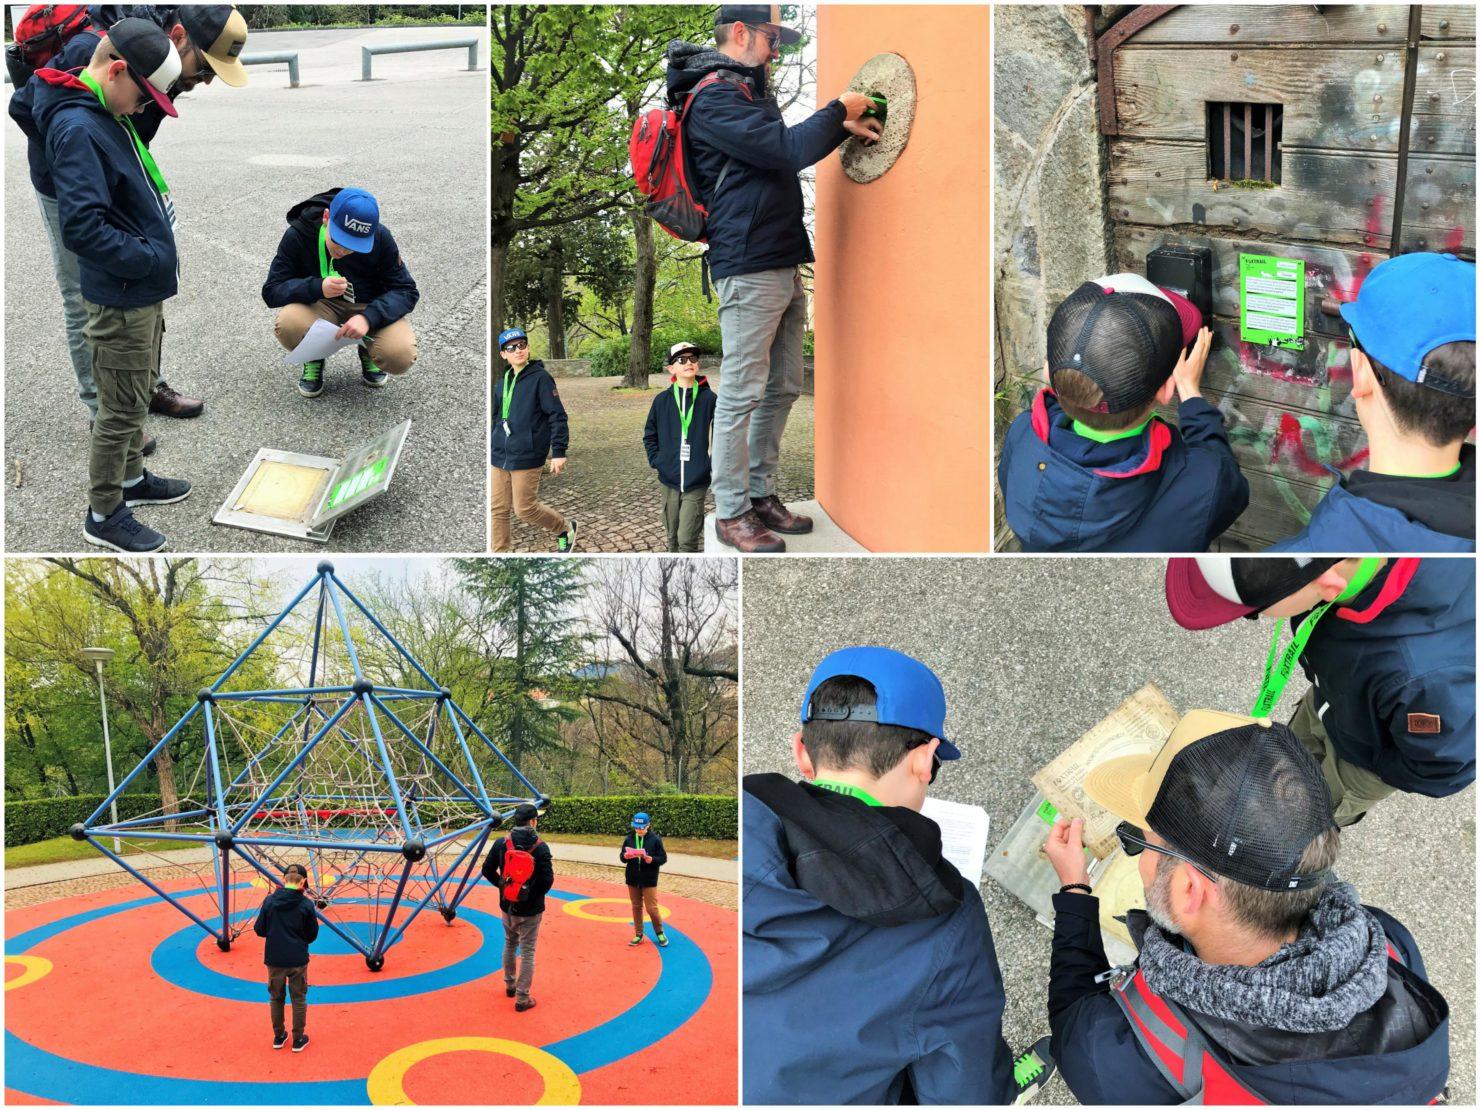 Familienferien im Tessin Foxtrail in Lugano